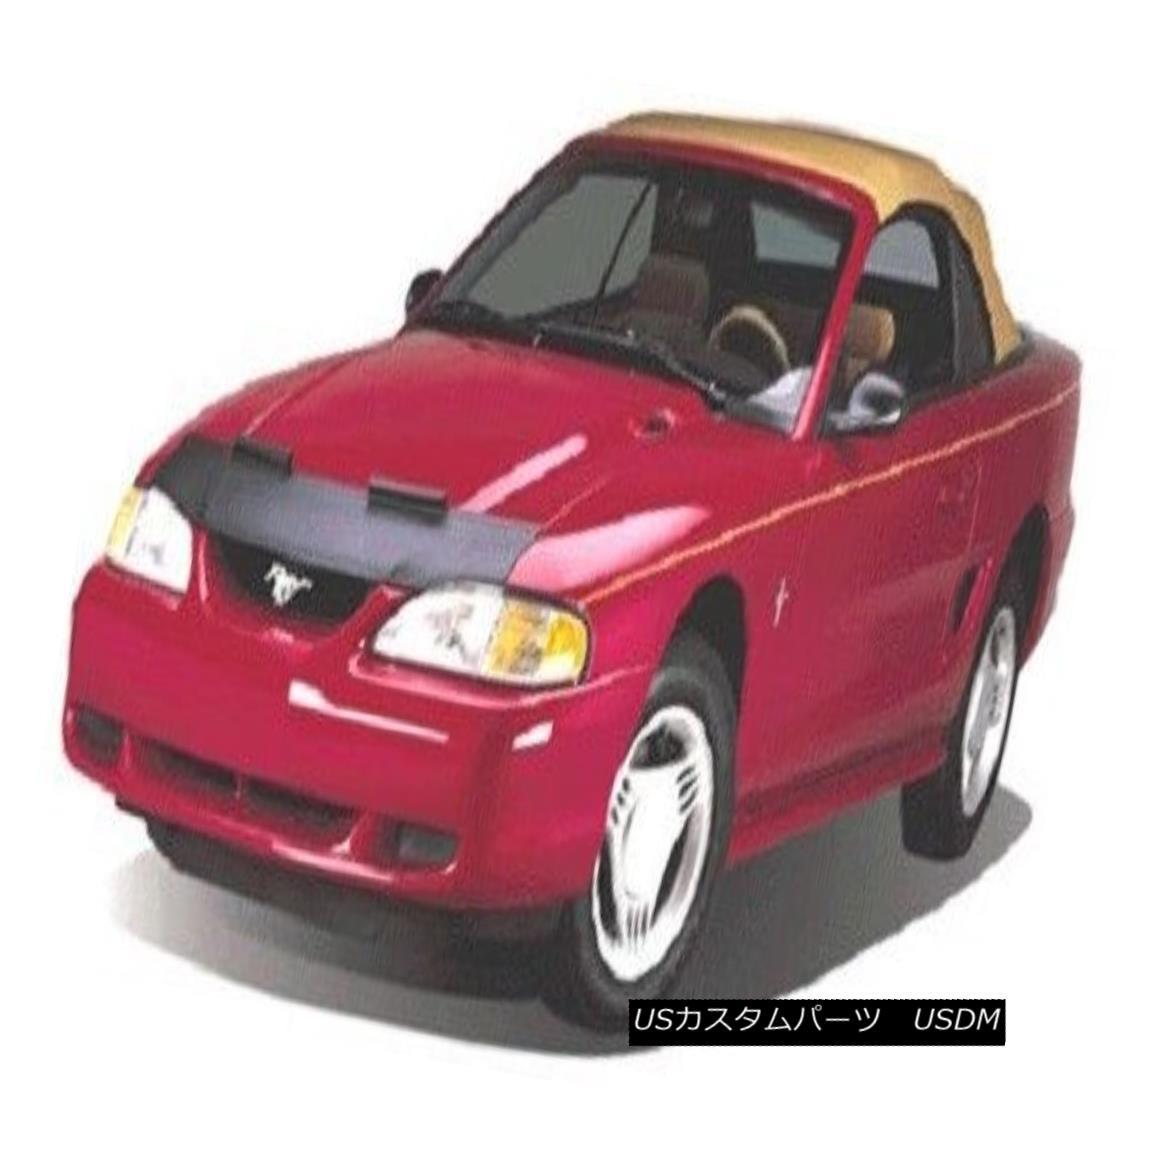 フルブラ ノーズブラ Lebra Hood Protector Mini Mask Bra Fits Ford Taurus X 2008-2009 LebraフードプロテクターミニマスクブラはFord Taurus X 2008-2009に適合